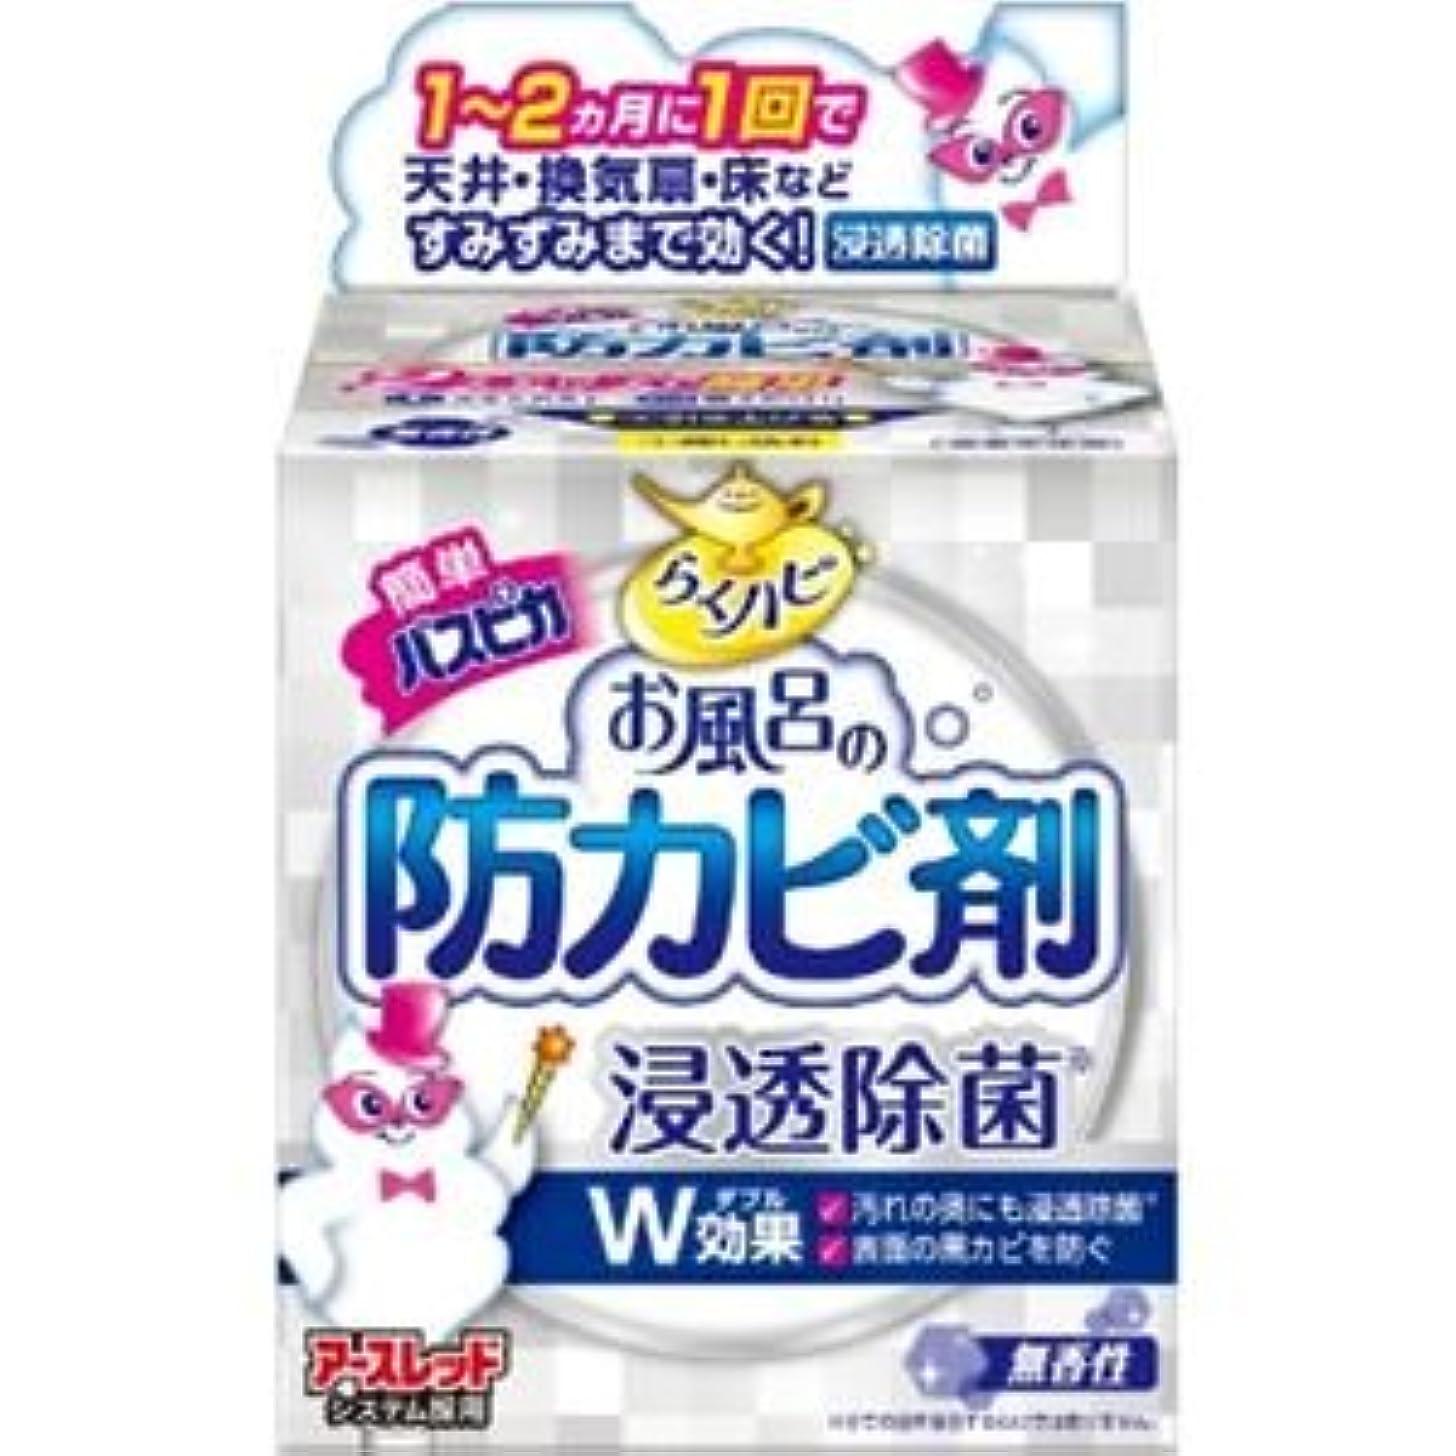 思春期のレタッチ無意味(まとめ)アース製薬 らくハピお風呂の防カビ剤無香性 【×3点セット】